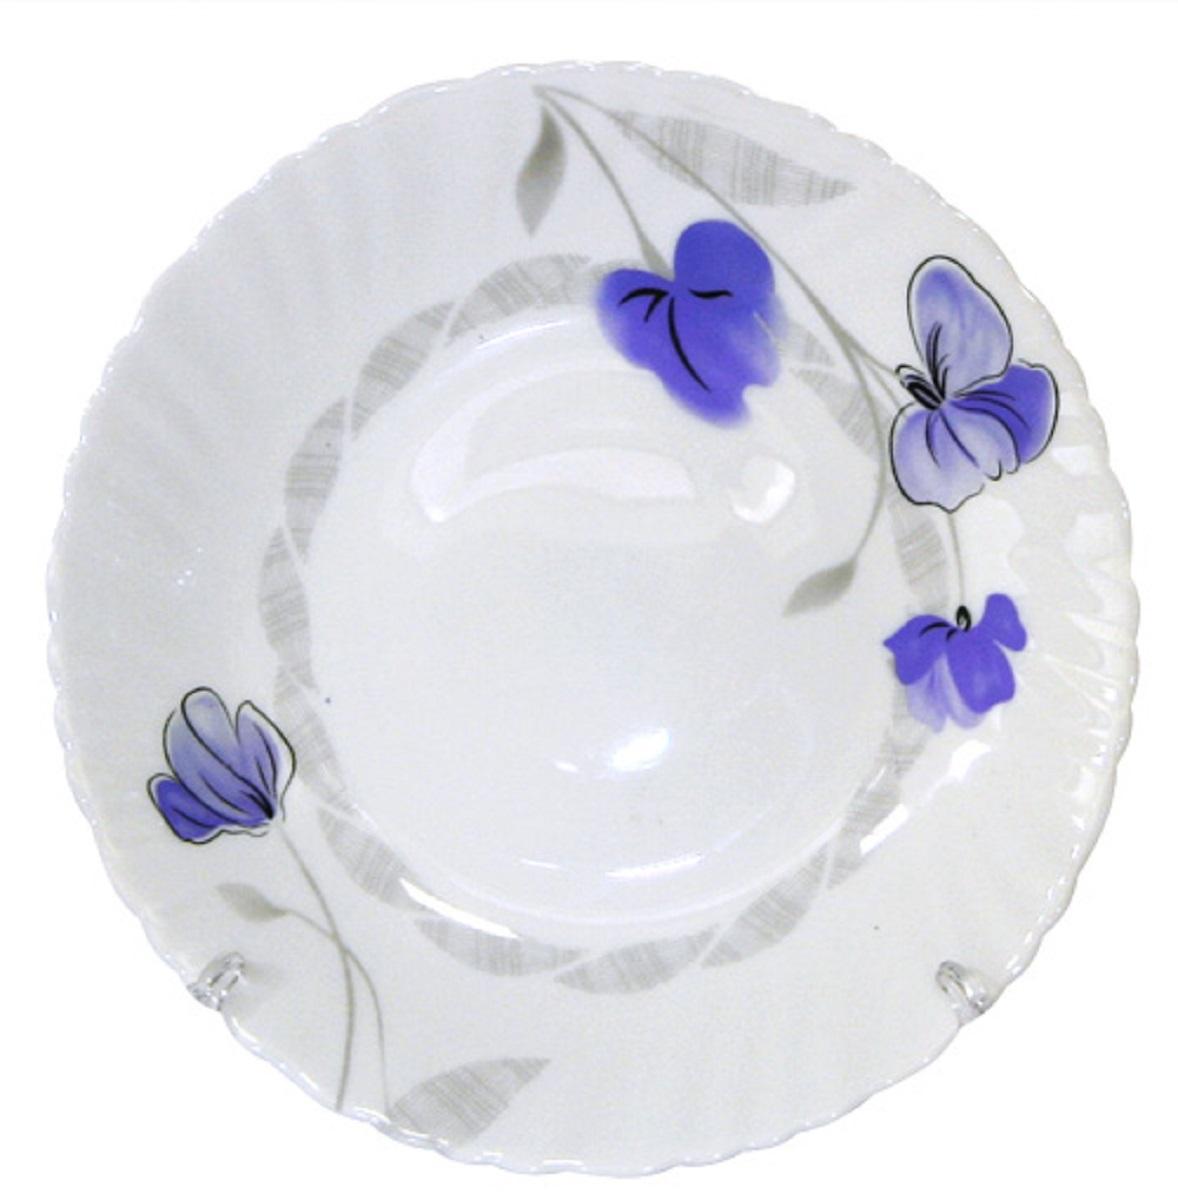 Тарелка десертная из тонкой стеклокерамики с цветочным рисунком.